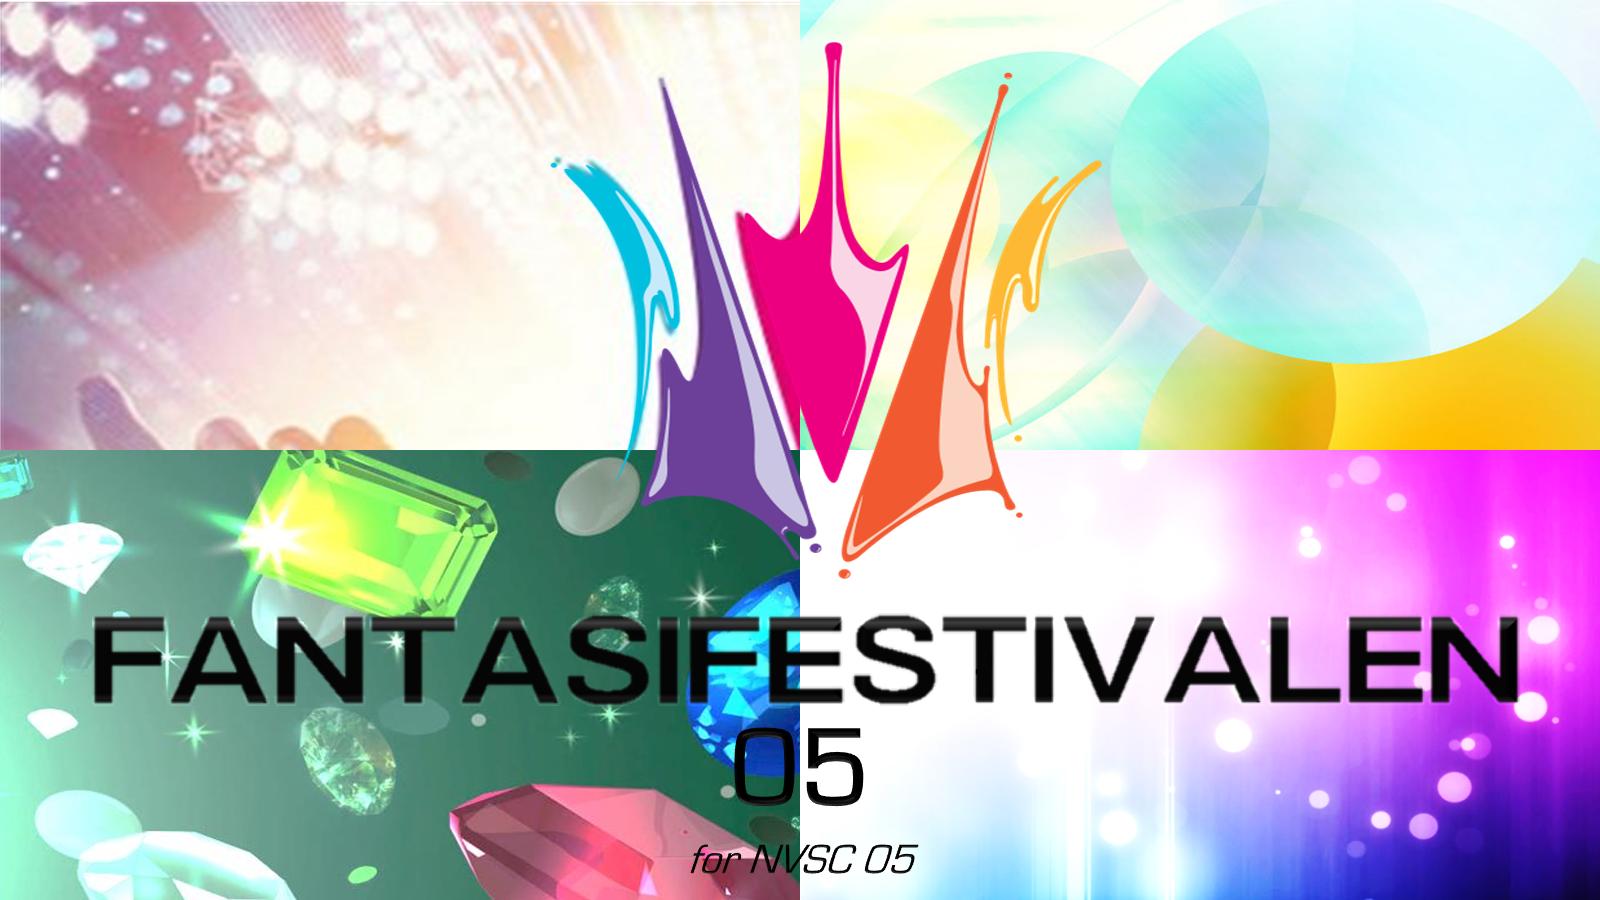 Fantasifestivalen 05